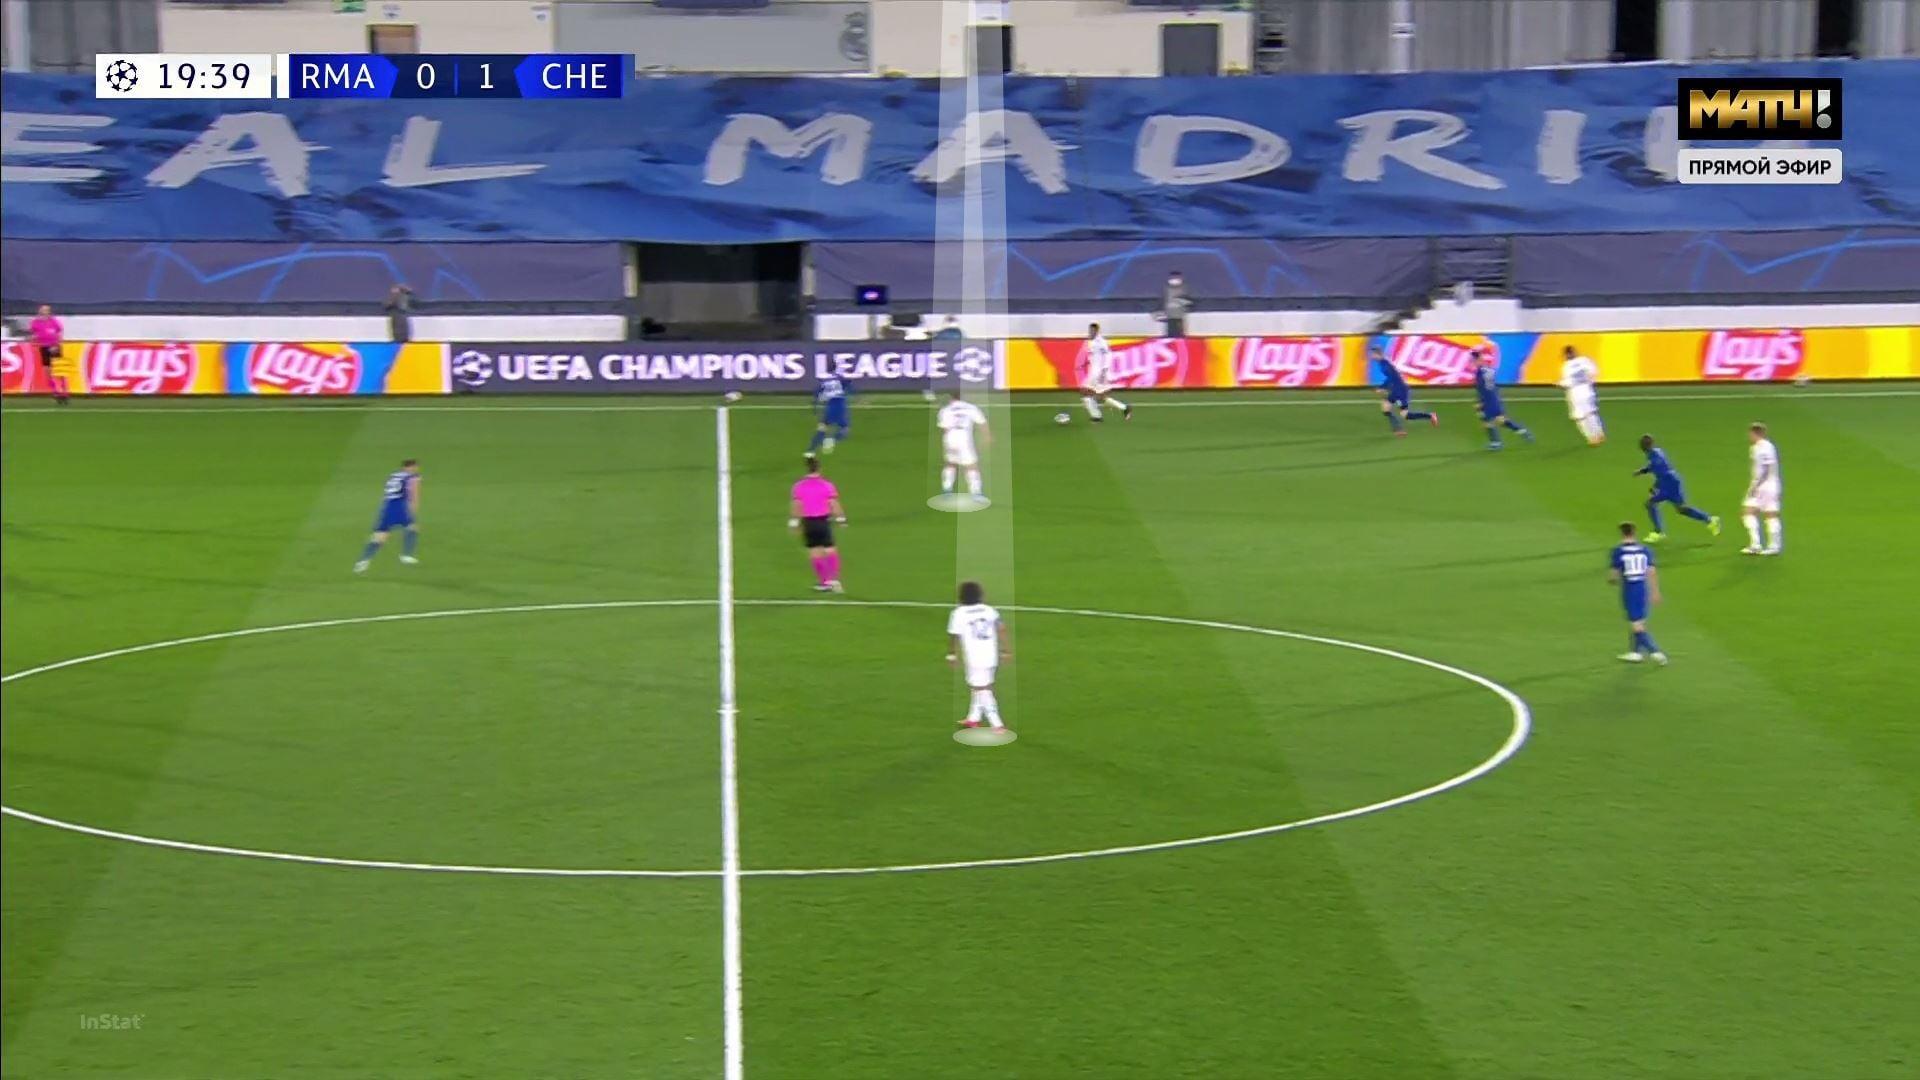 Увидев состав «Реала», Тухель преобразовал свой план. Это дало «Челси» преимущества в центре и в прессинге